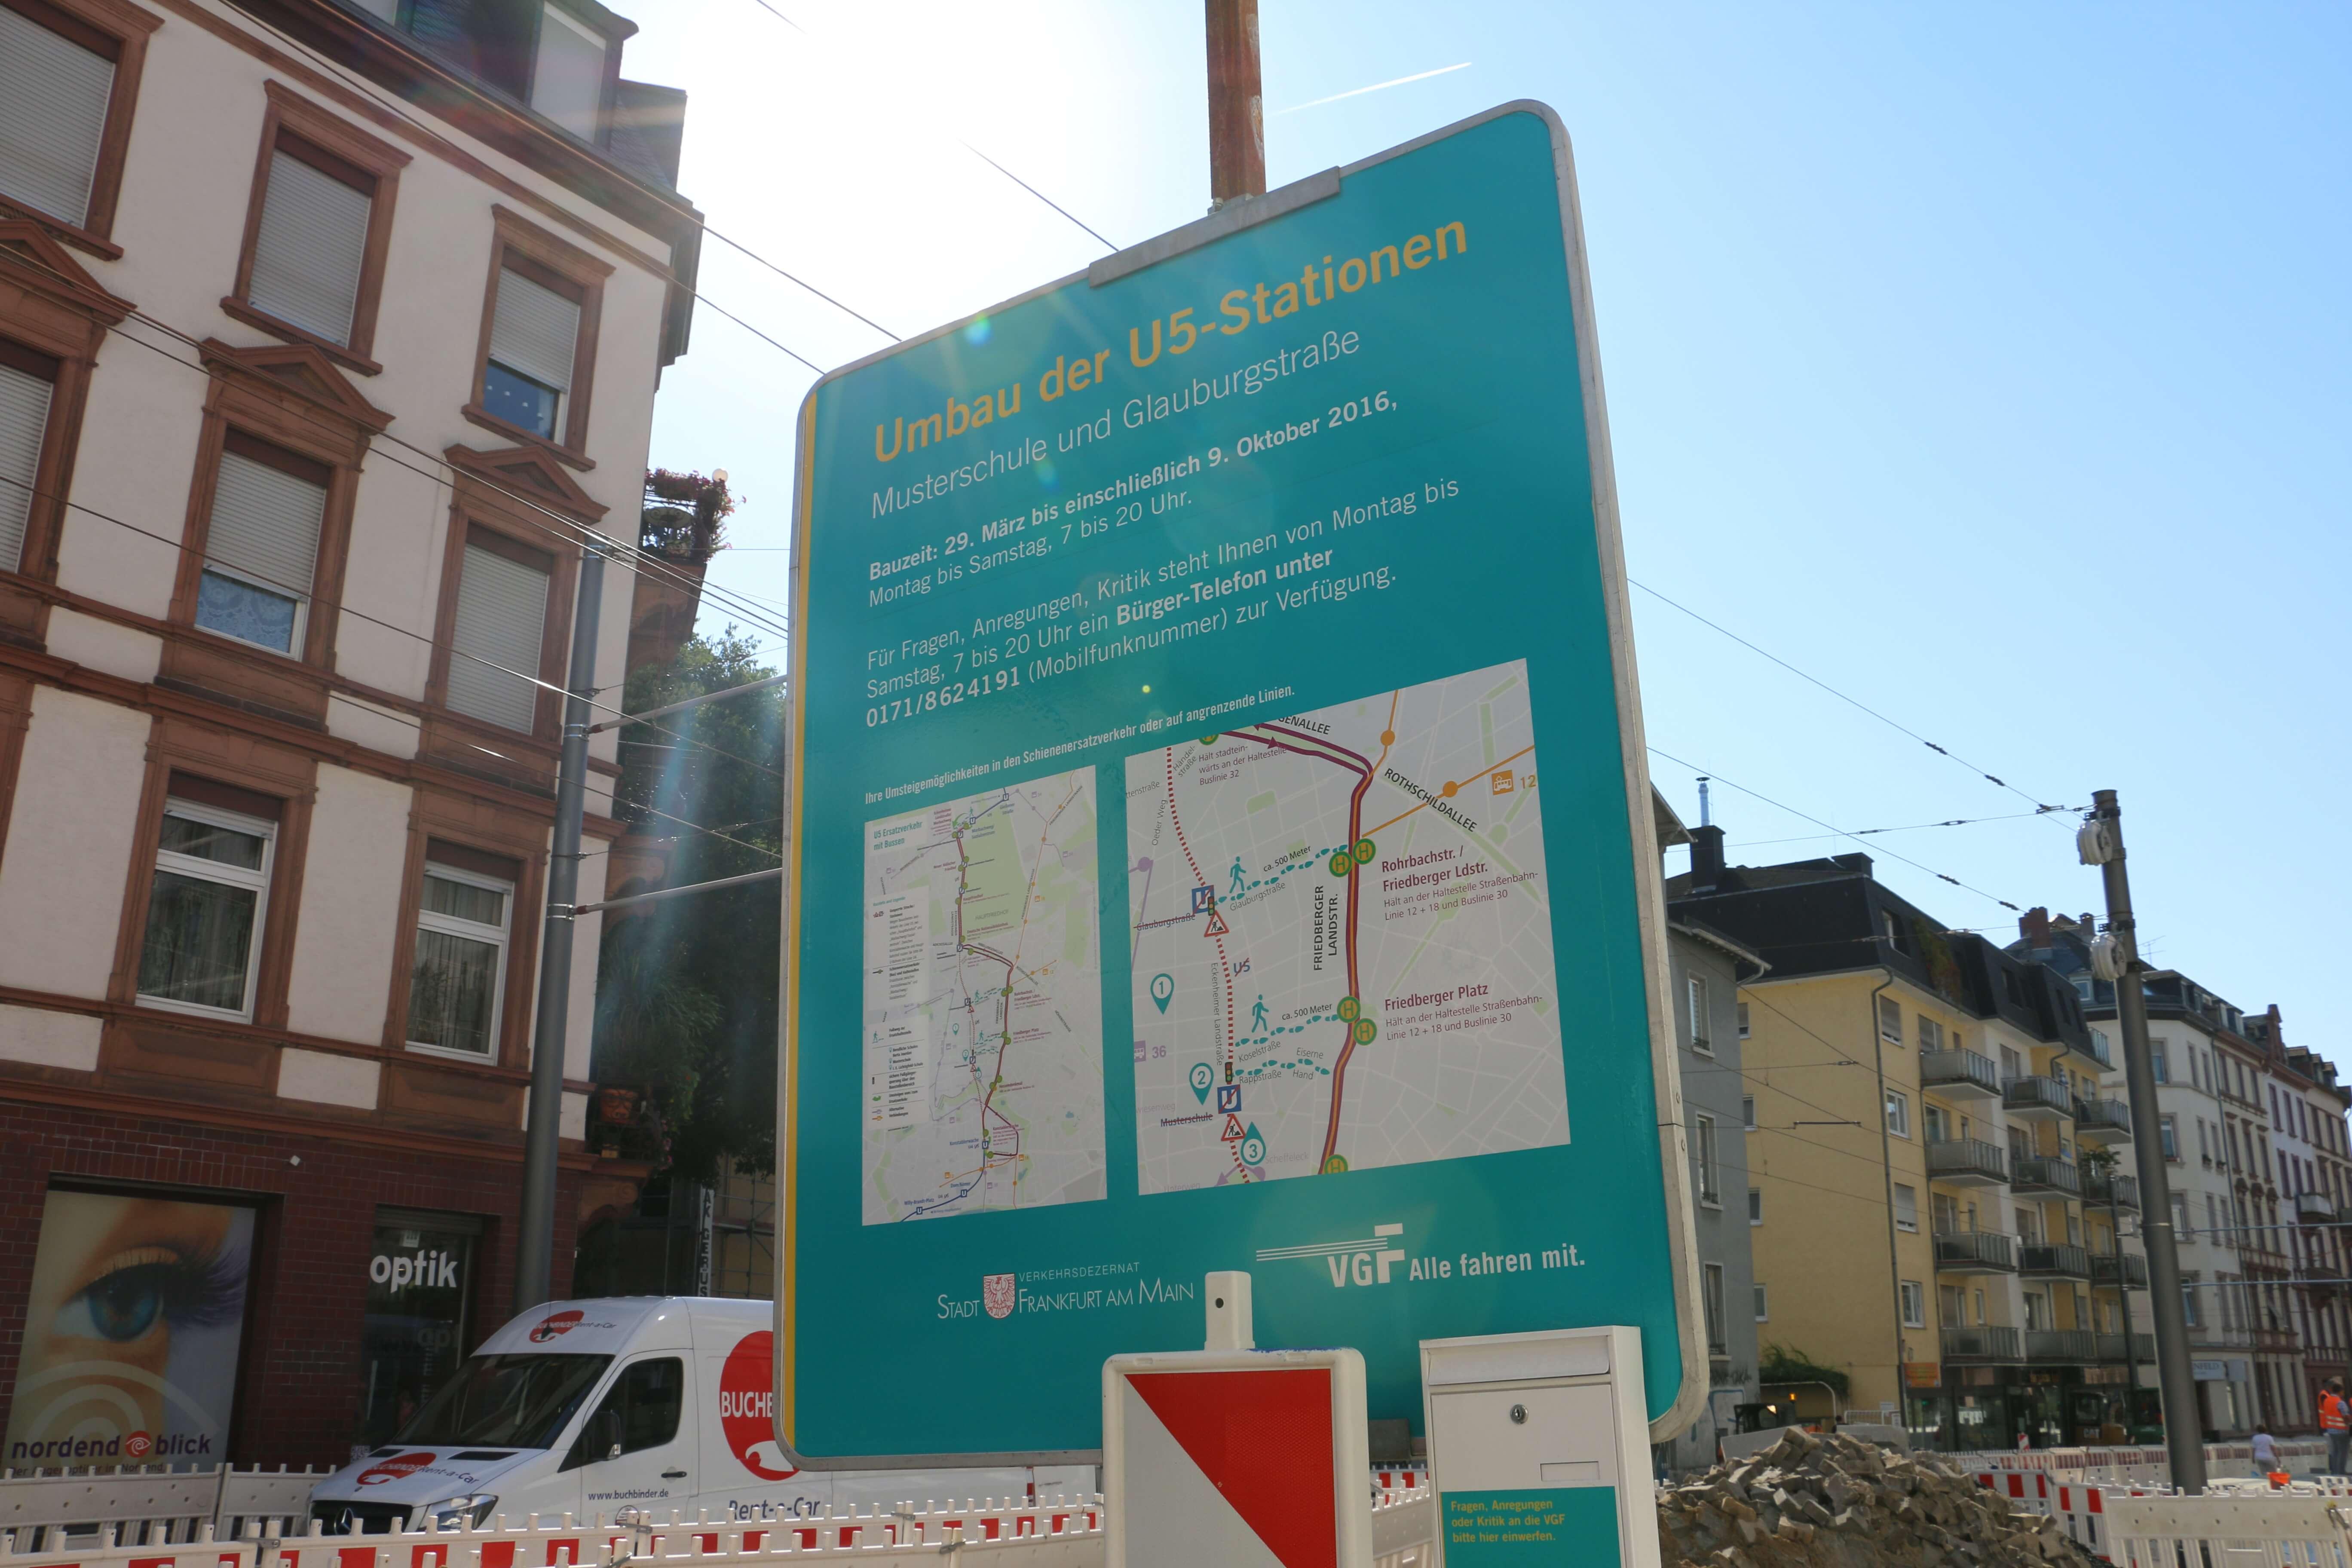 Schild an der Baustelle mit Infos zum Umbau der U5-Stationen.